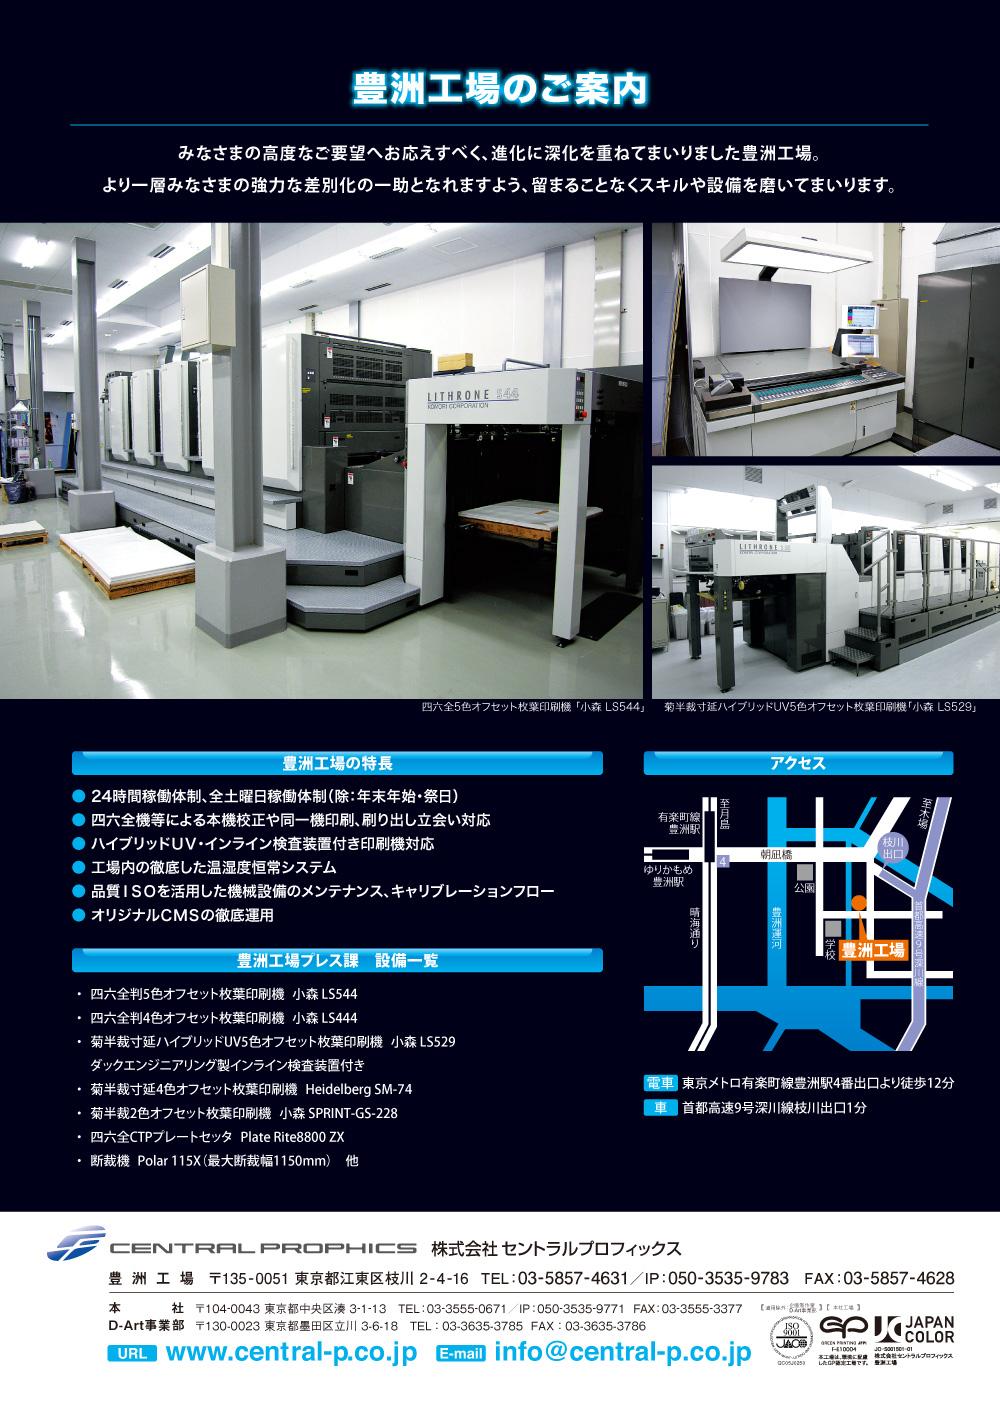 ハイブリッドUV印刷機の本格稼働開始_a0168049_12324123.jpg